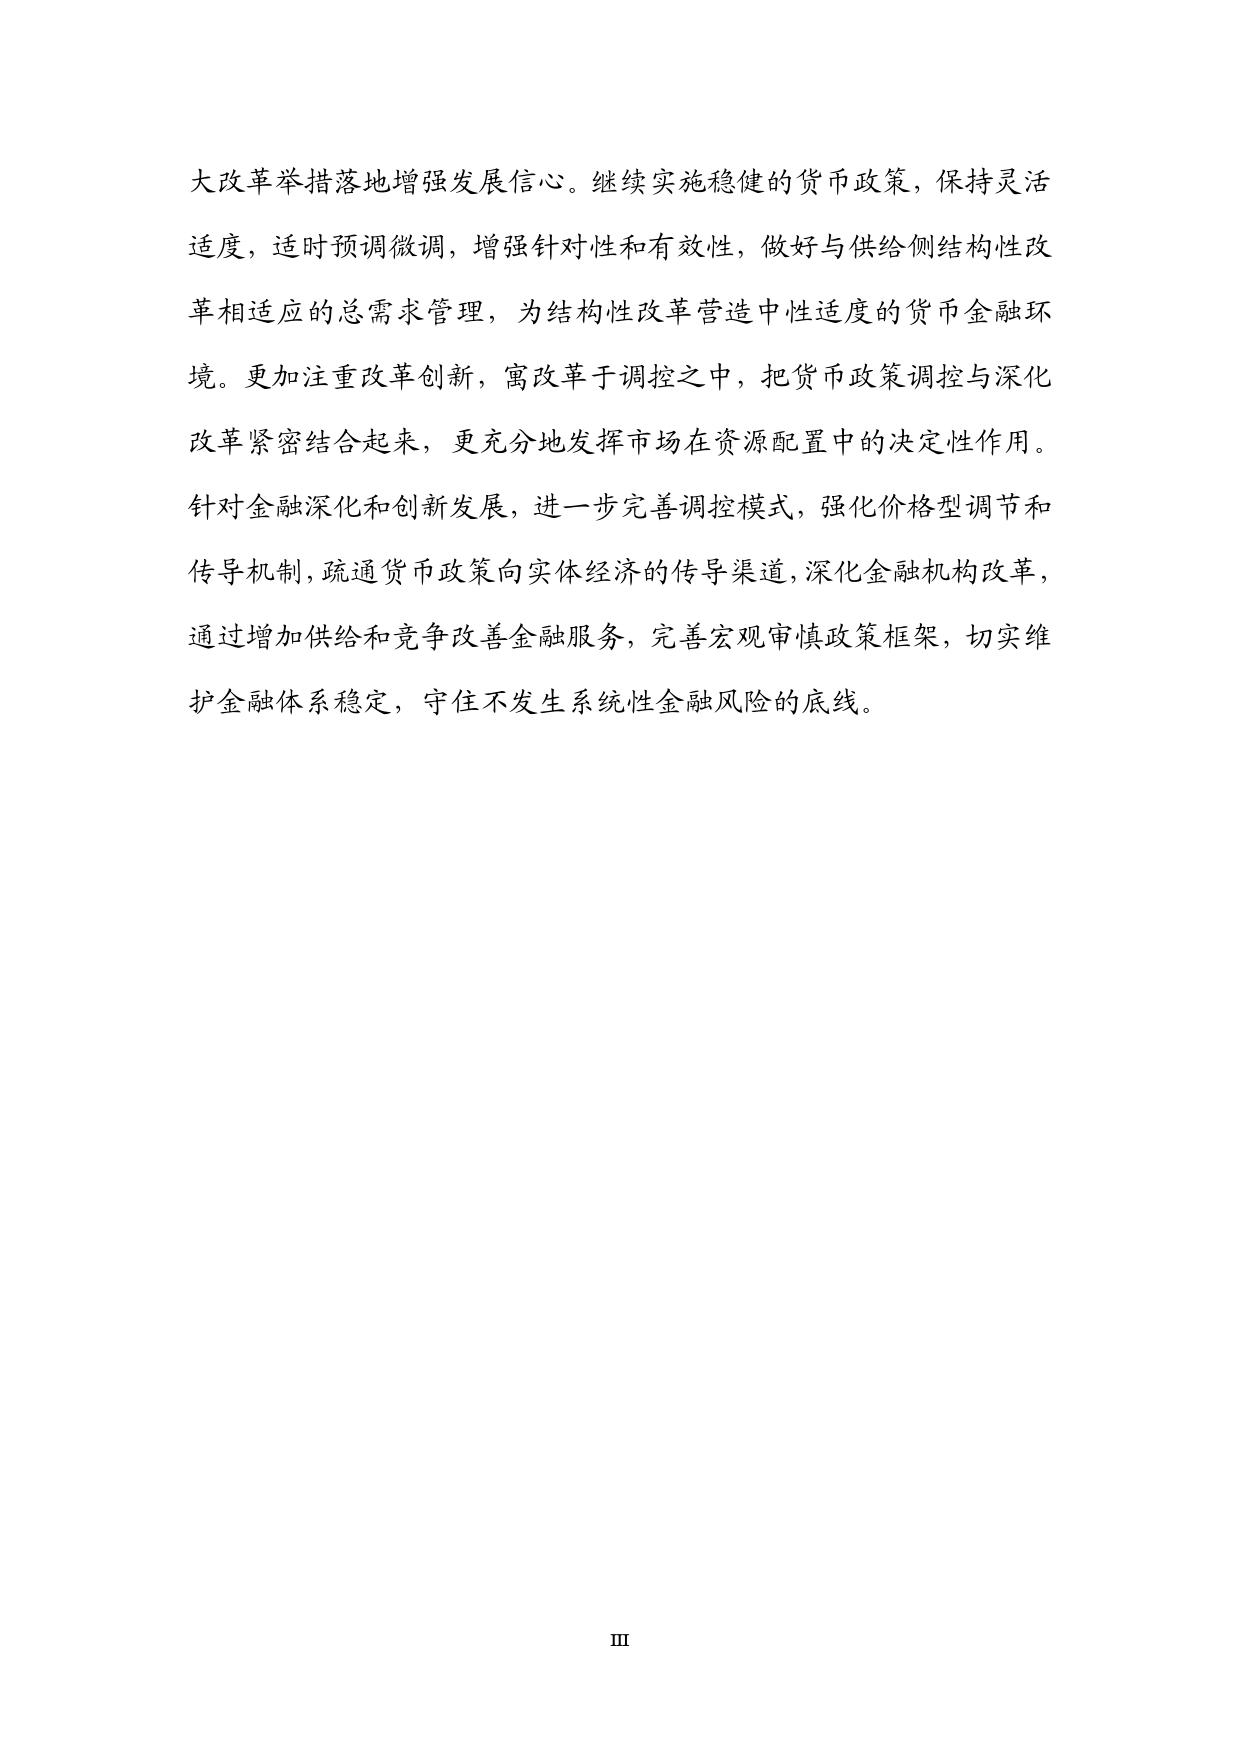 2016年Q2中国货币政策执行报告_000004